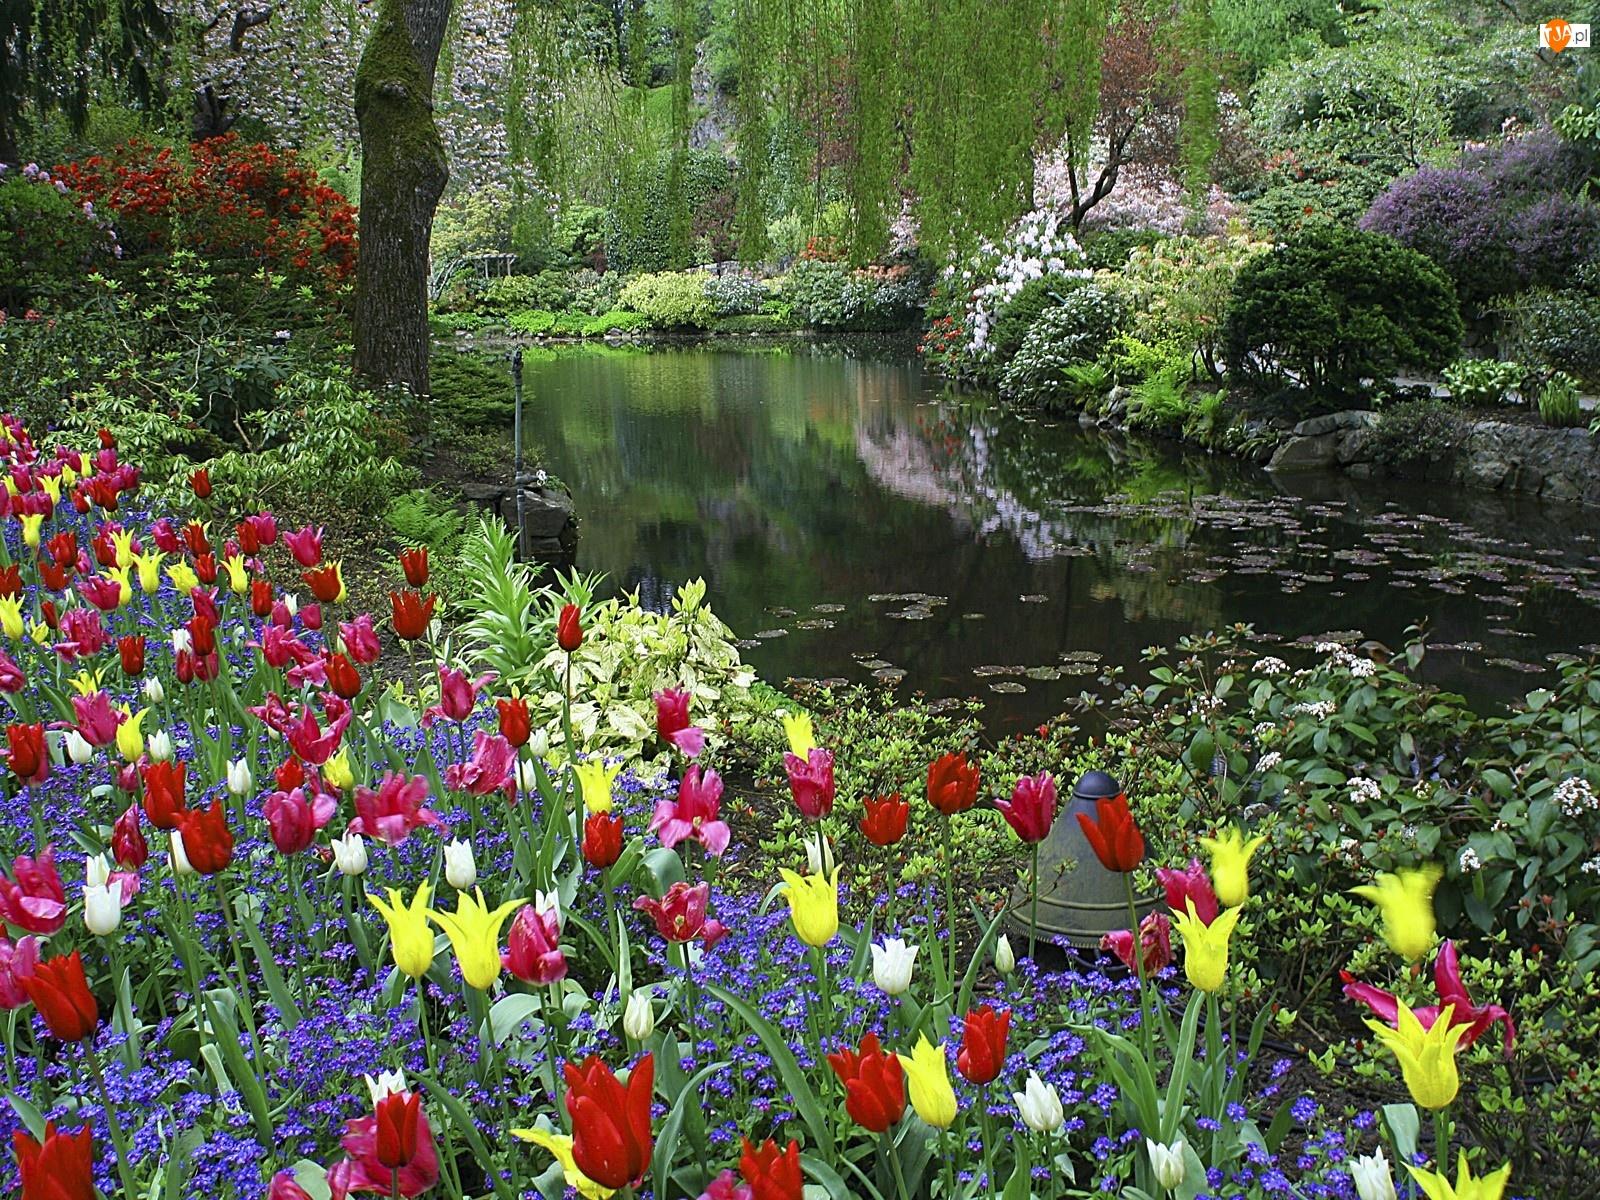 Rzeka, Krzewy, Drzewa, Kwiaty